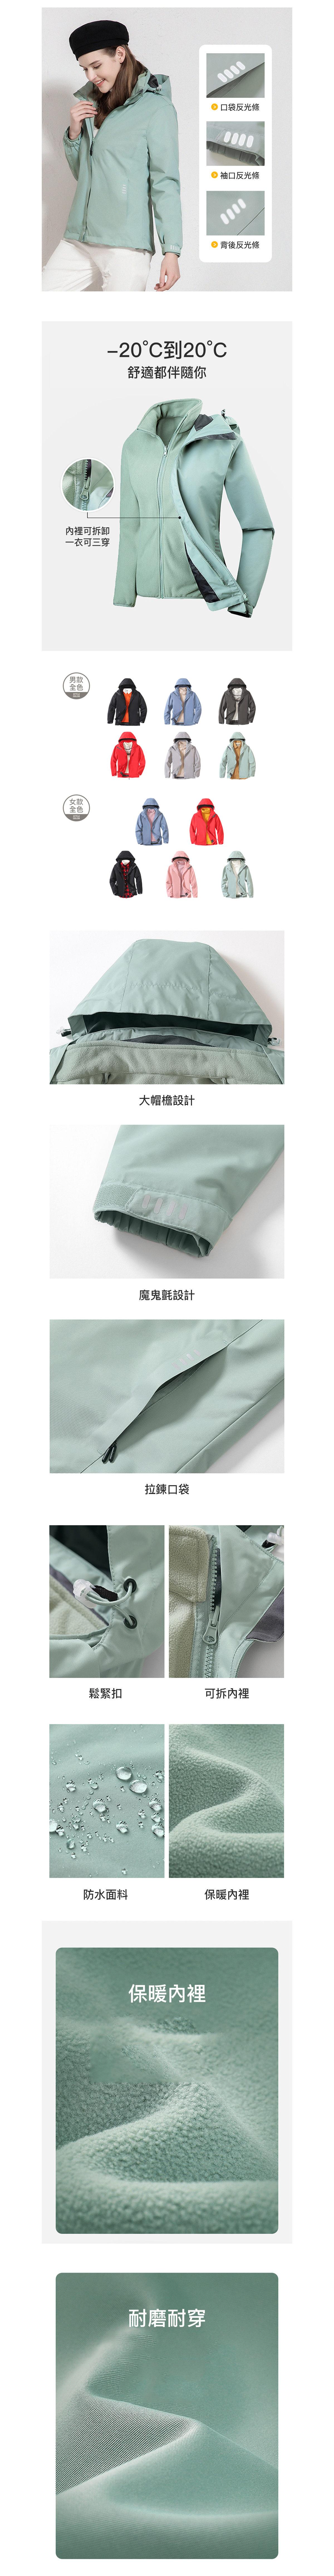 防水保暖耐汙.可三穿搖粒絨內裡機能外套.情侶款